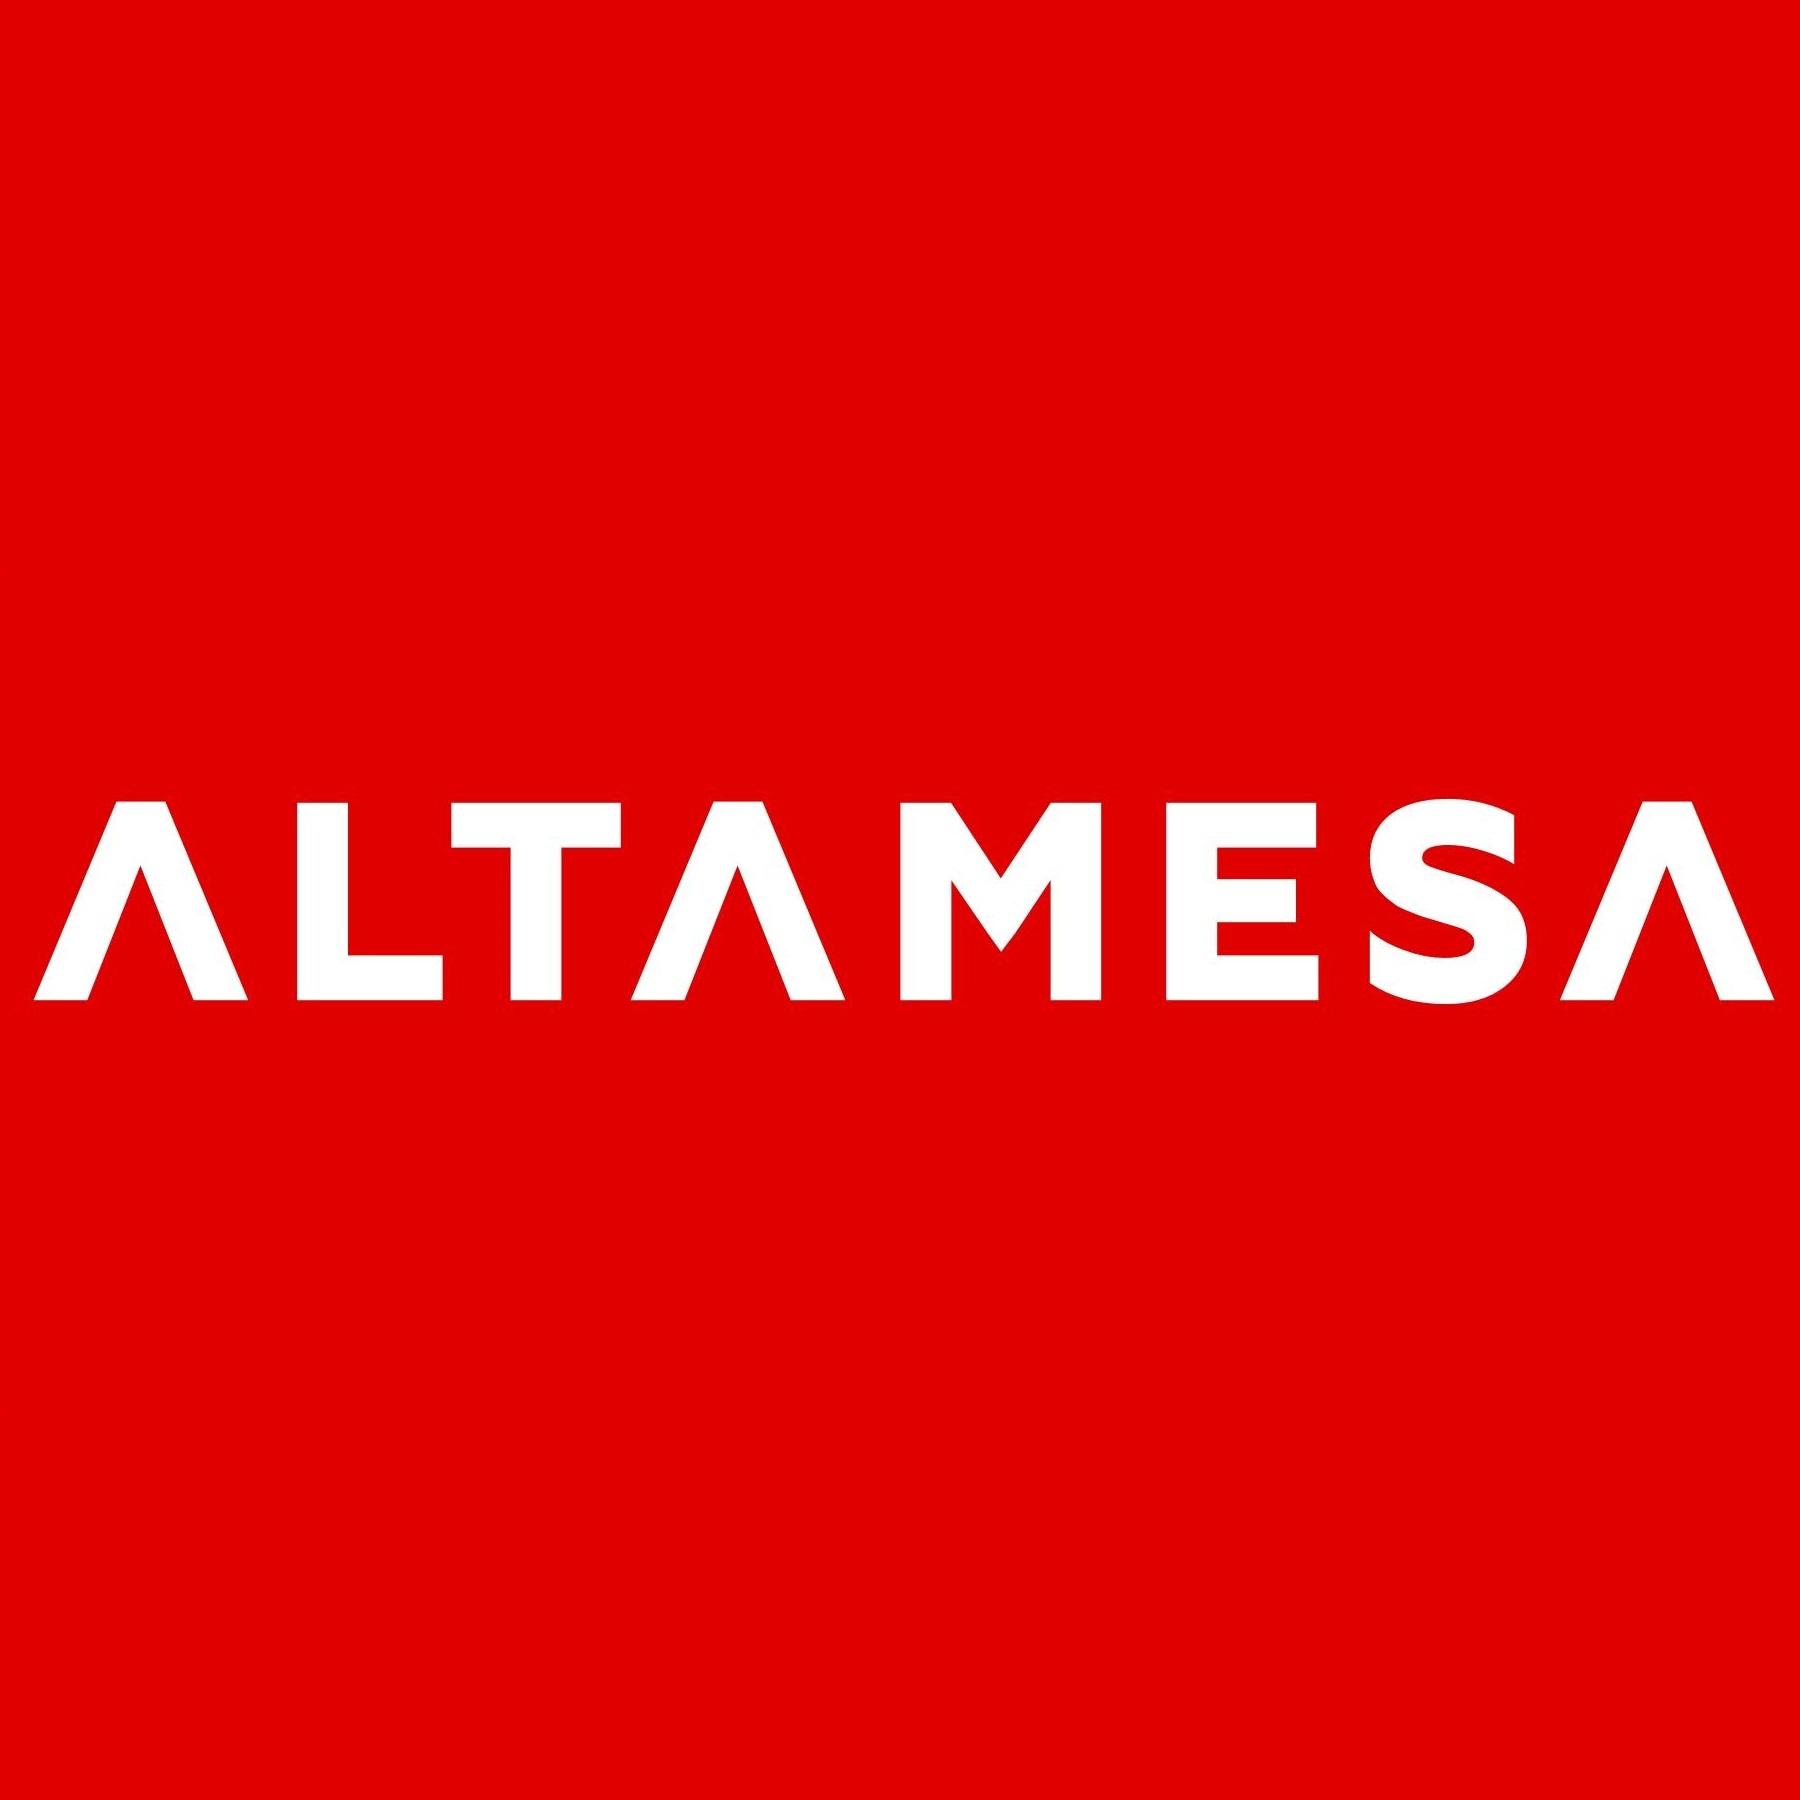 Logotipo altamesa page 002  2